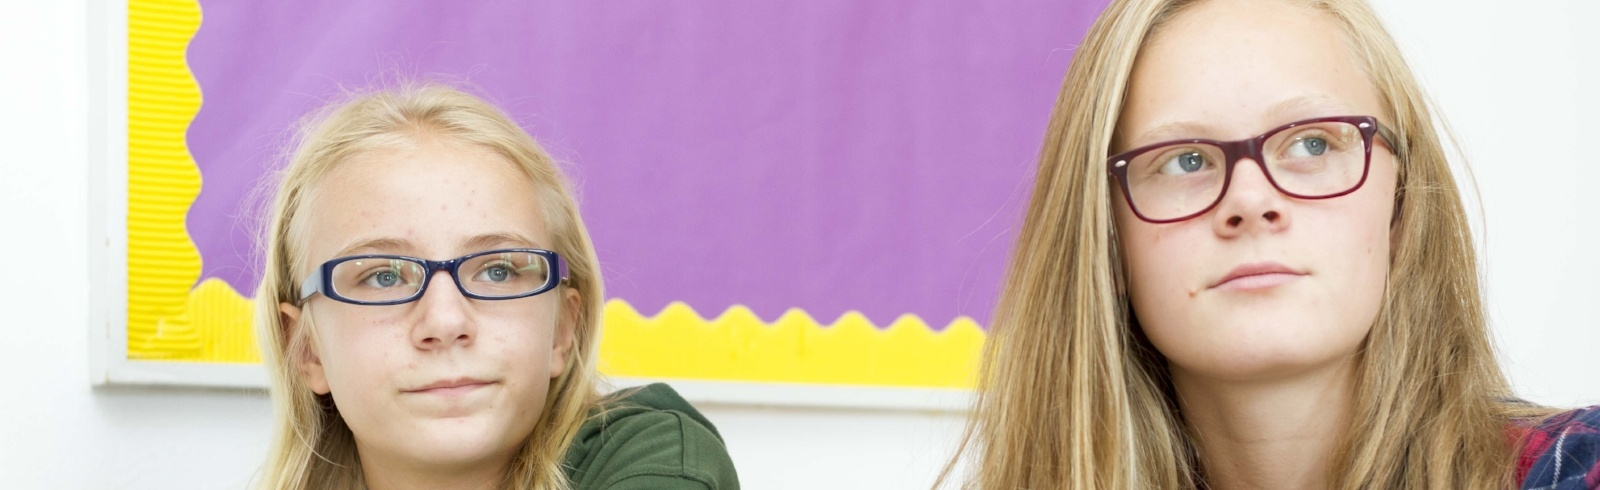 swiss boarding school students learn english